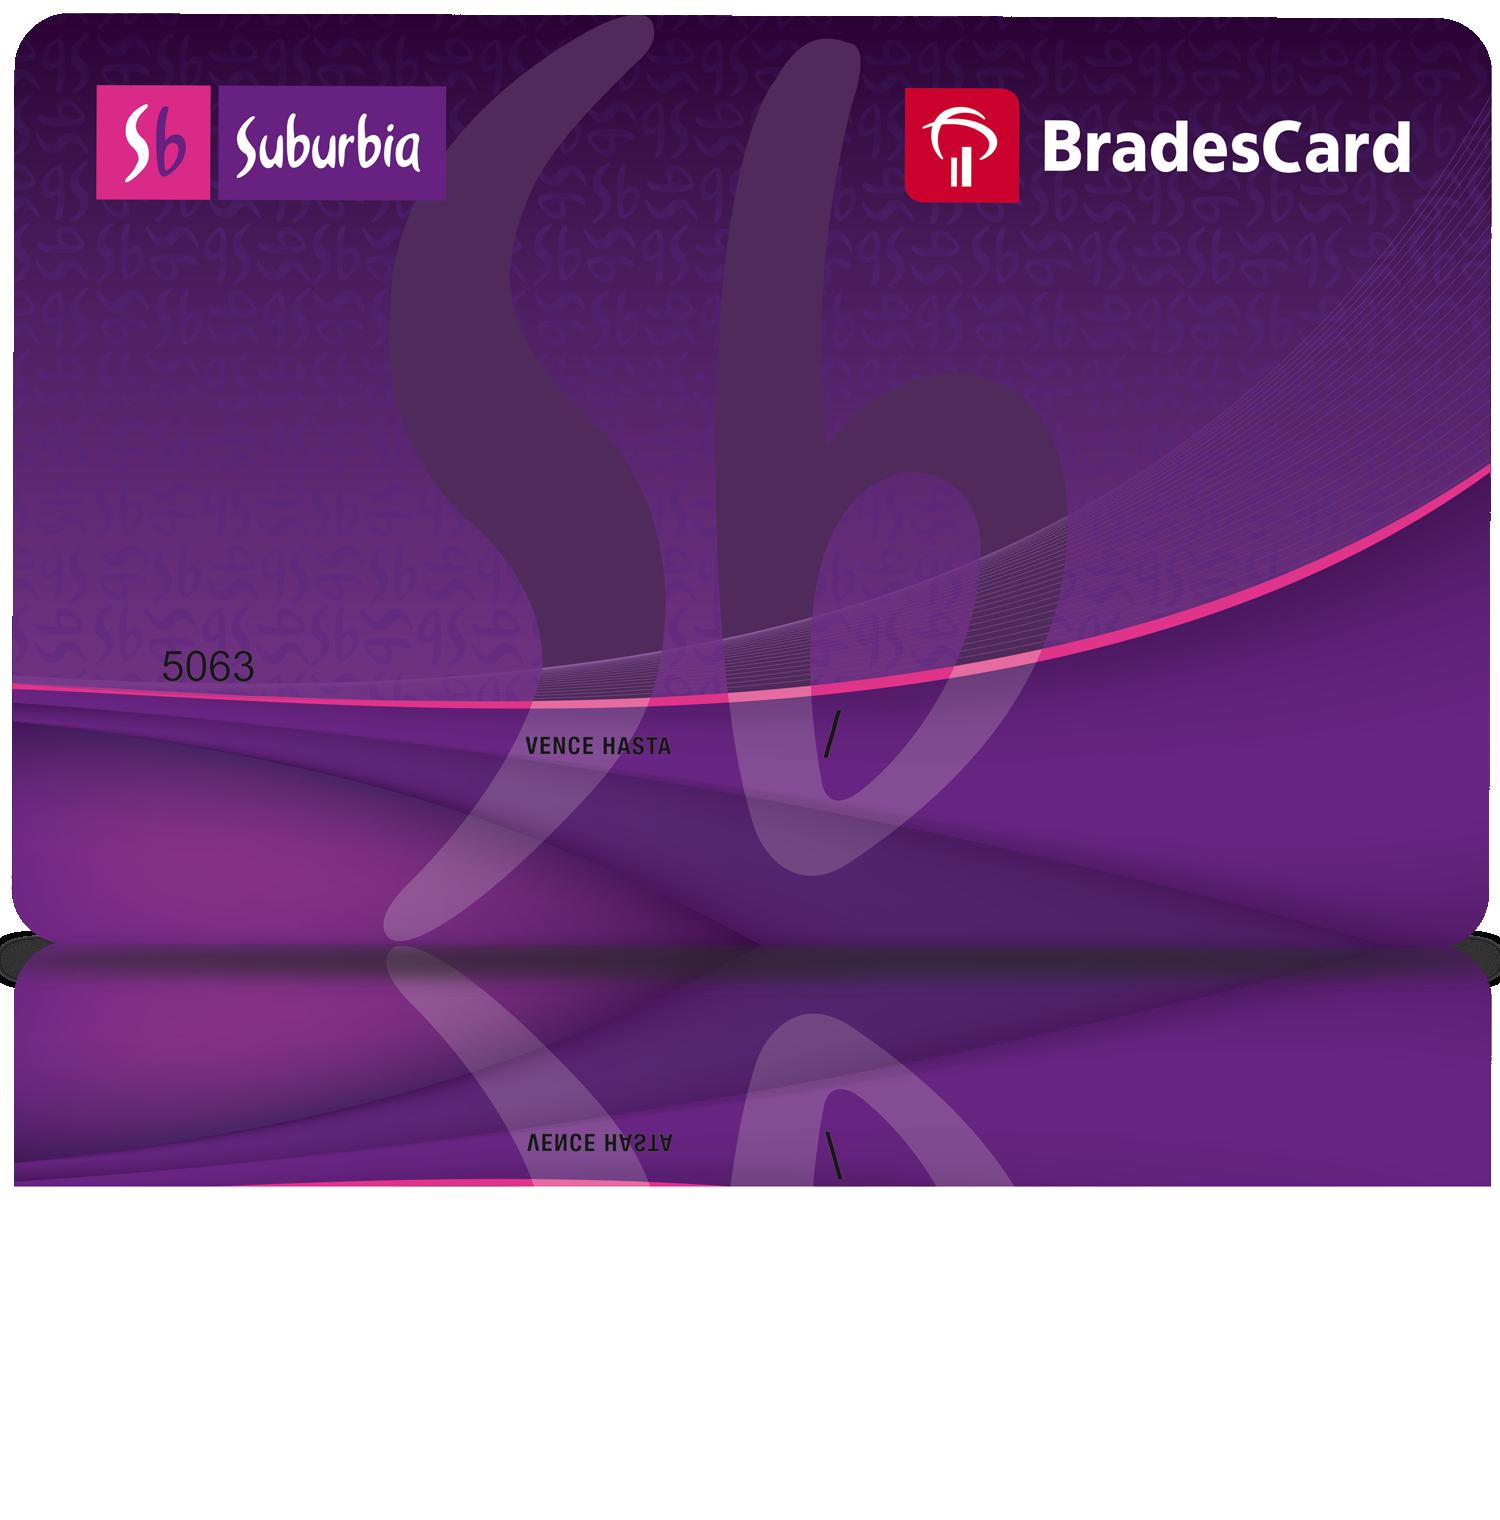 e64dd7cbdbe La Tarjeta BradesCard Suburbia brinda beneficios exclusivos a los clientes  de la tienda.